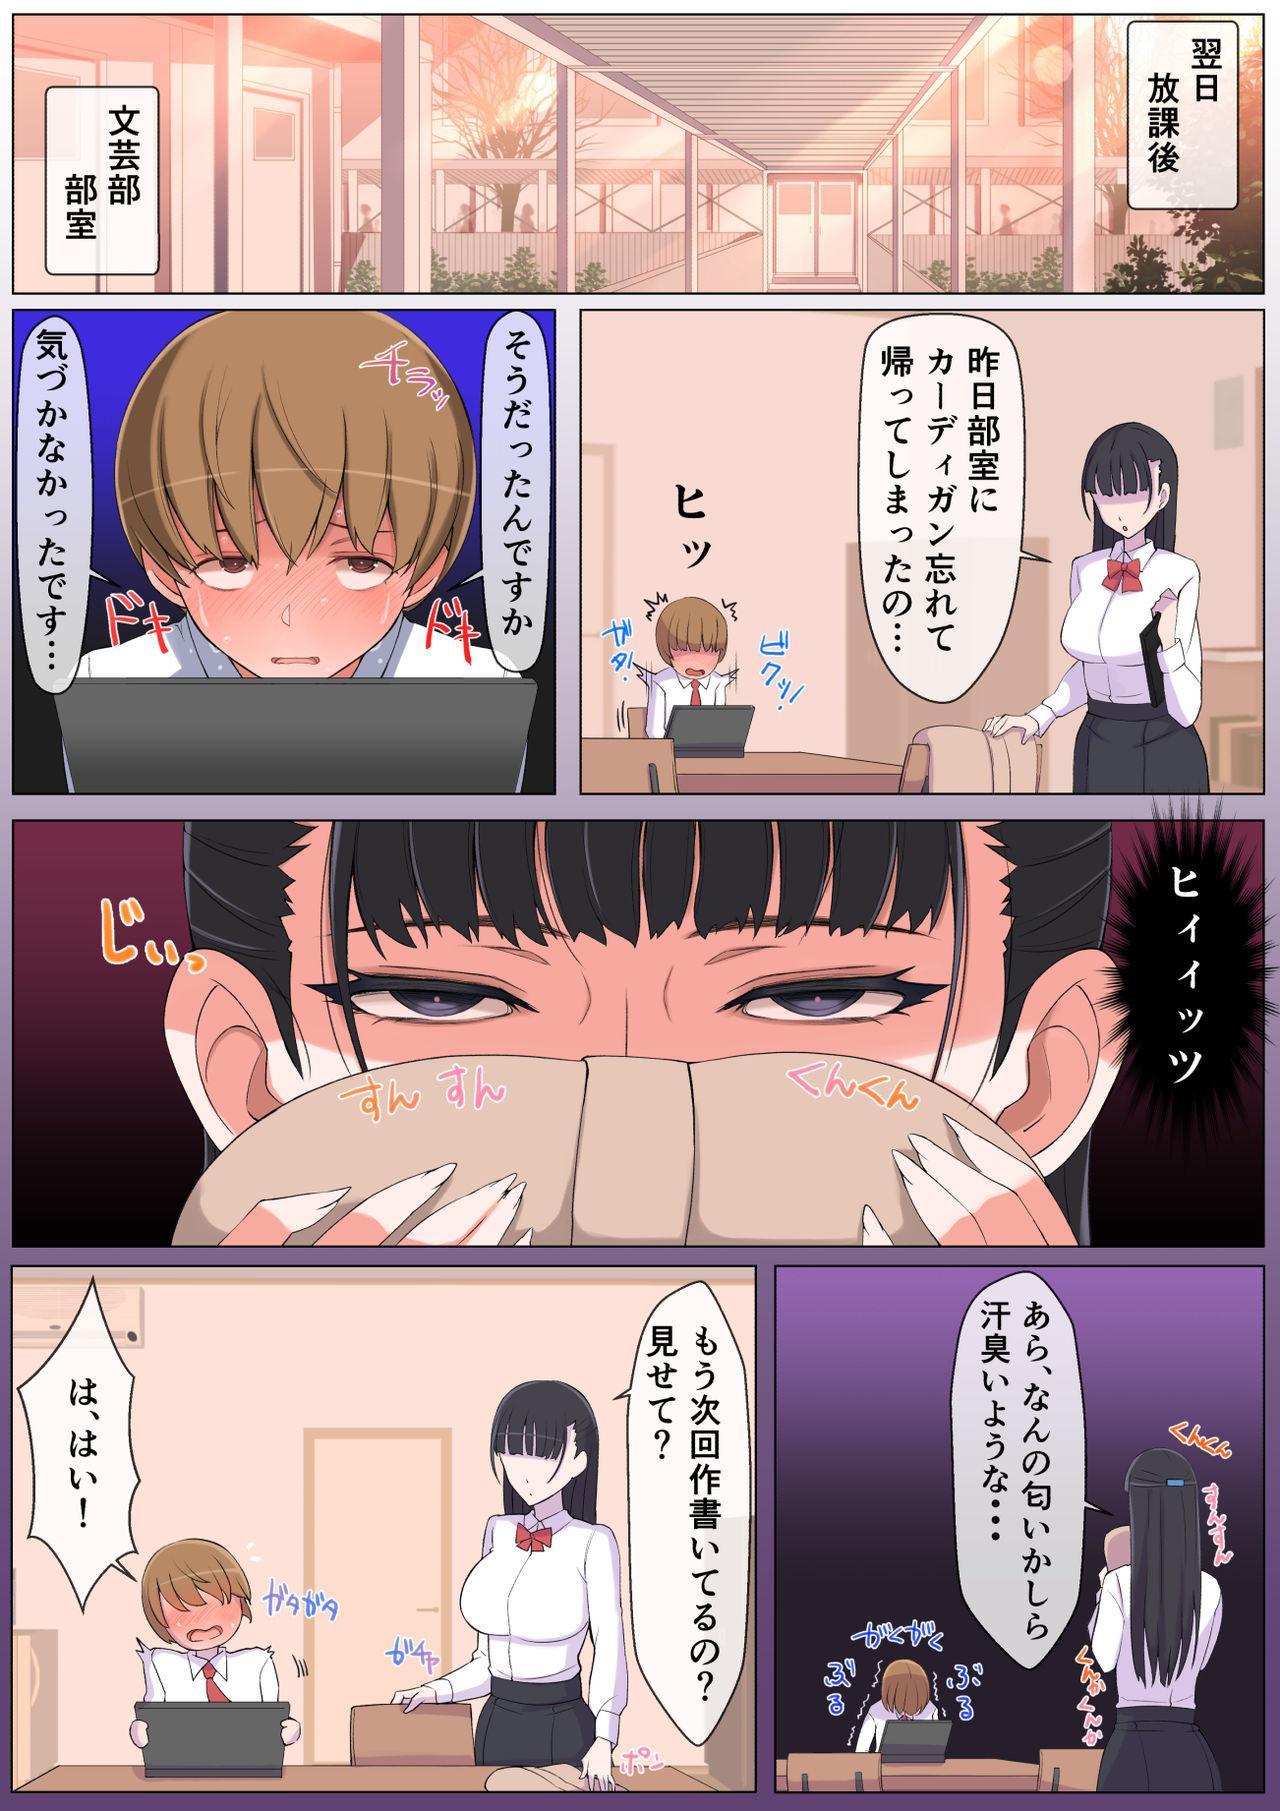 Haru-kun to Yukina Senpai 13